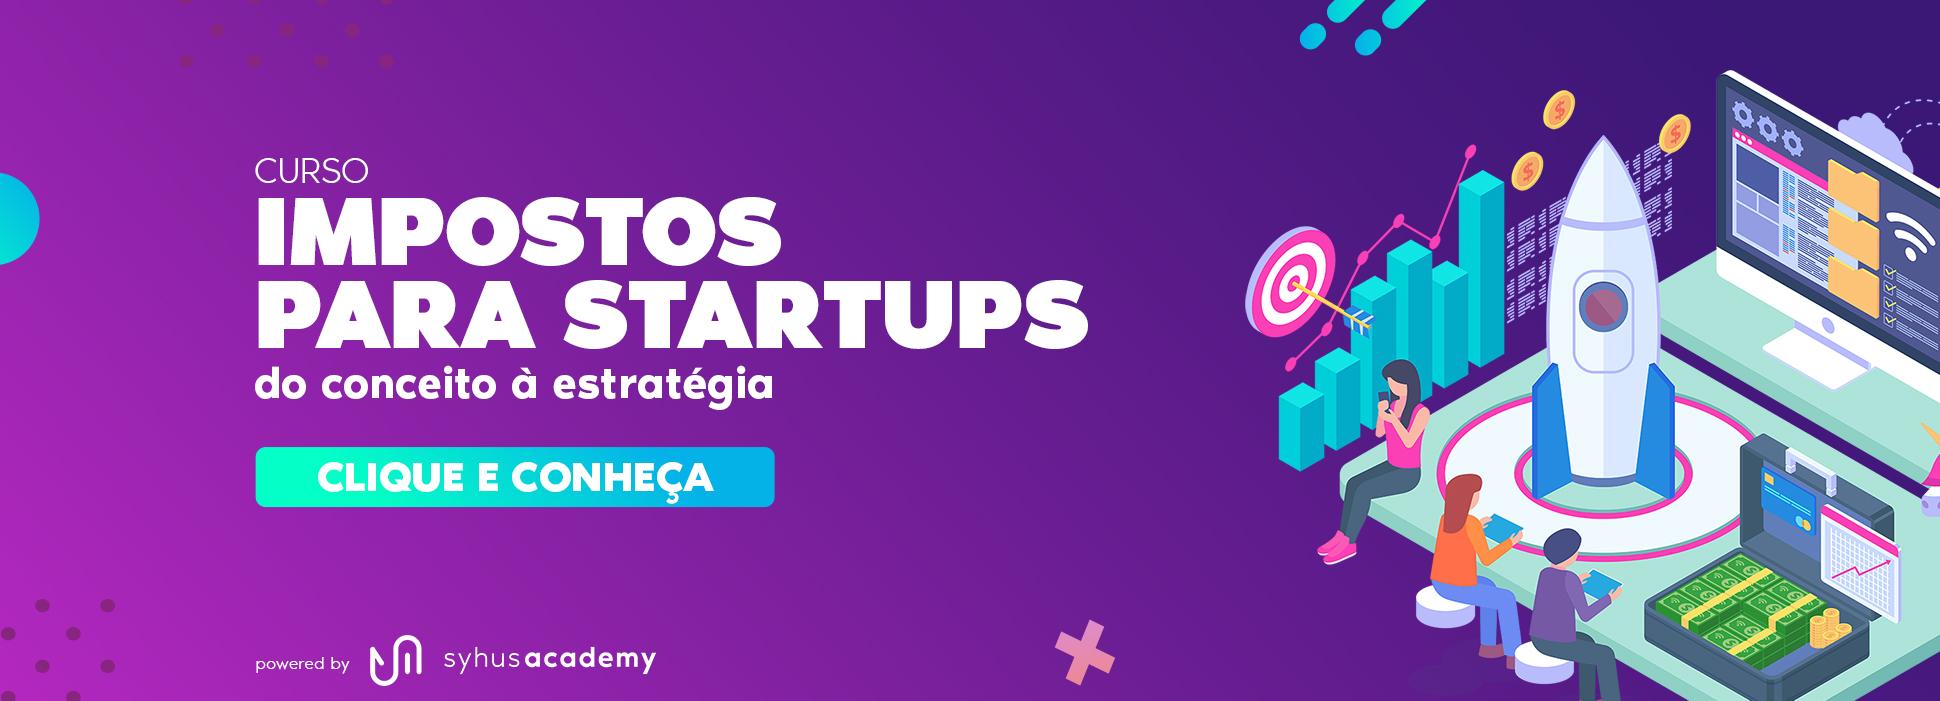 banner-impostos-para-startups